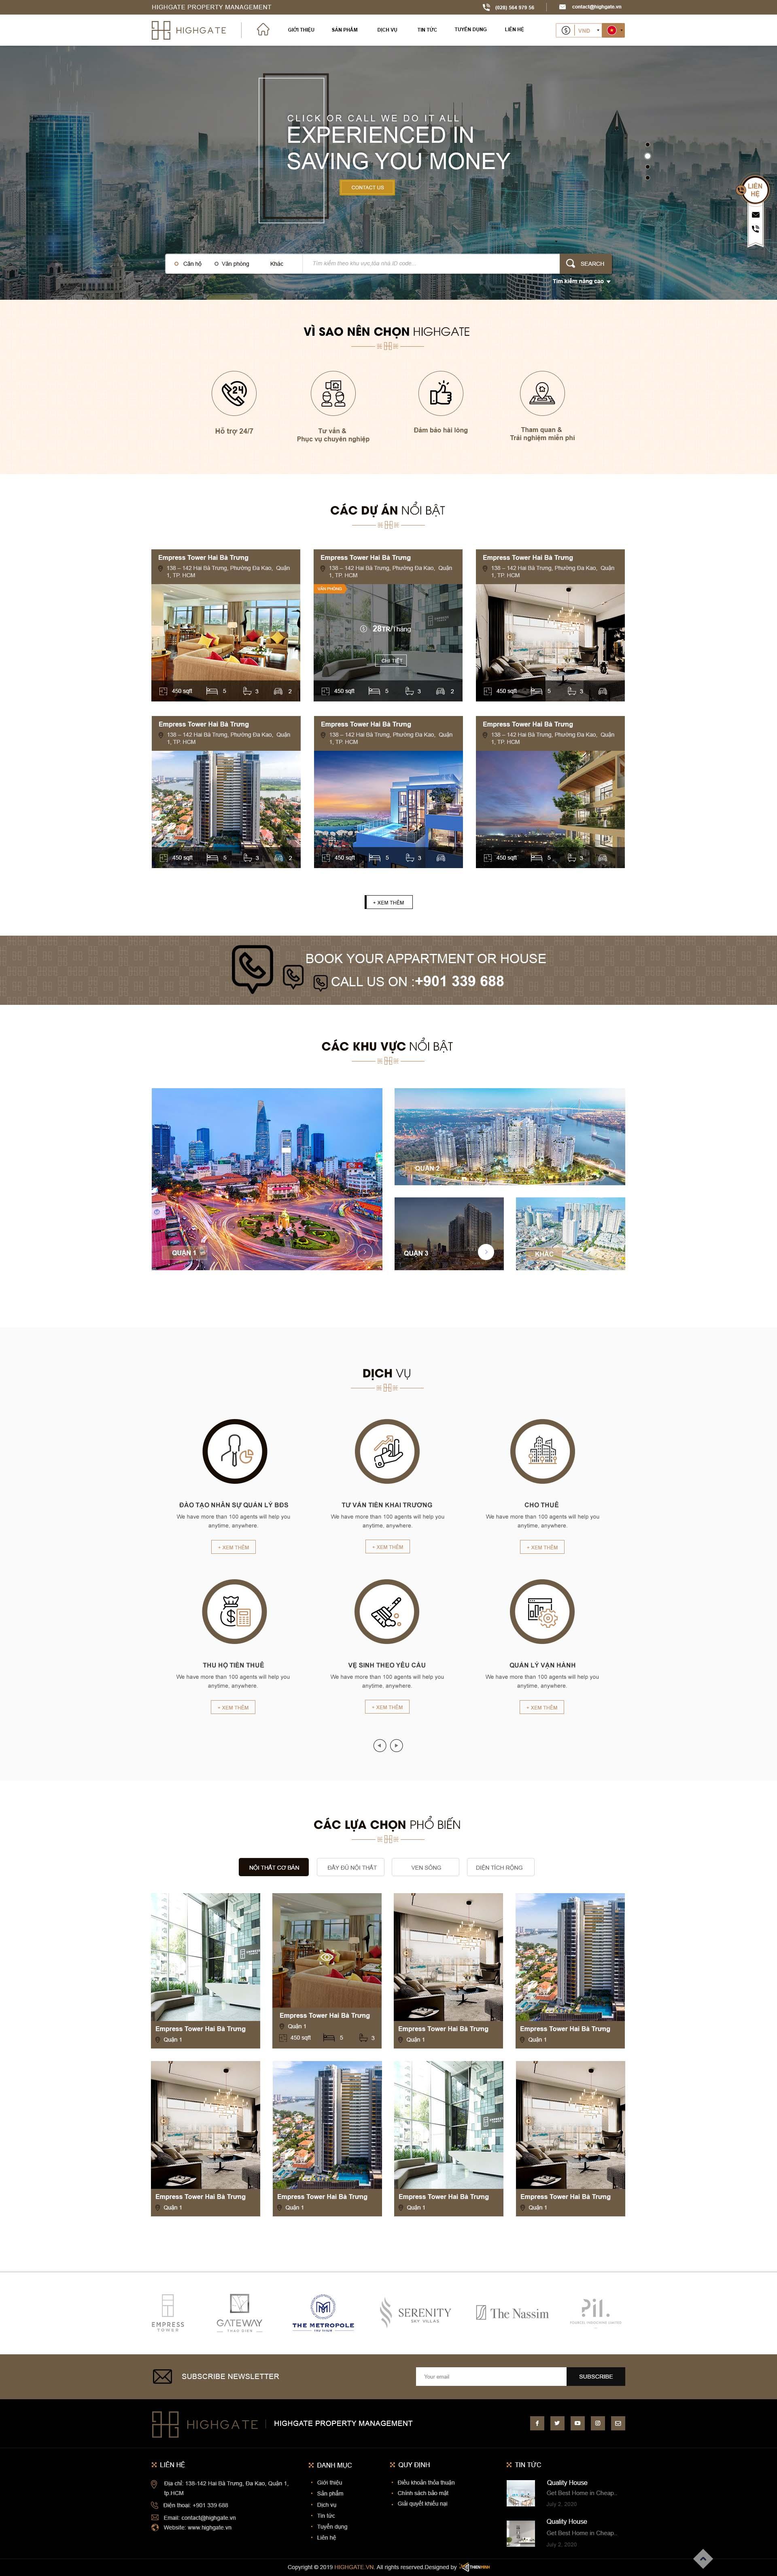 Mẫu thiết kế giao diện website Bất động sản Highgate